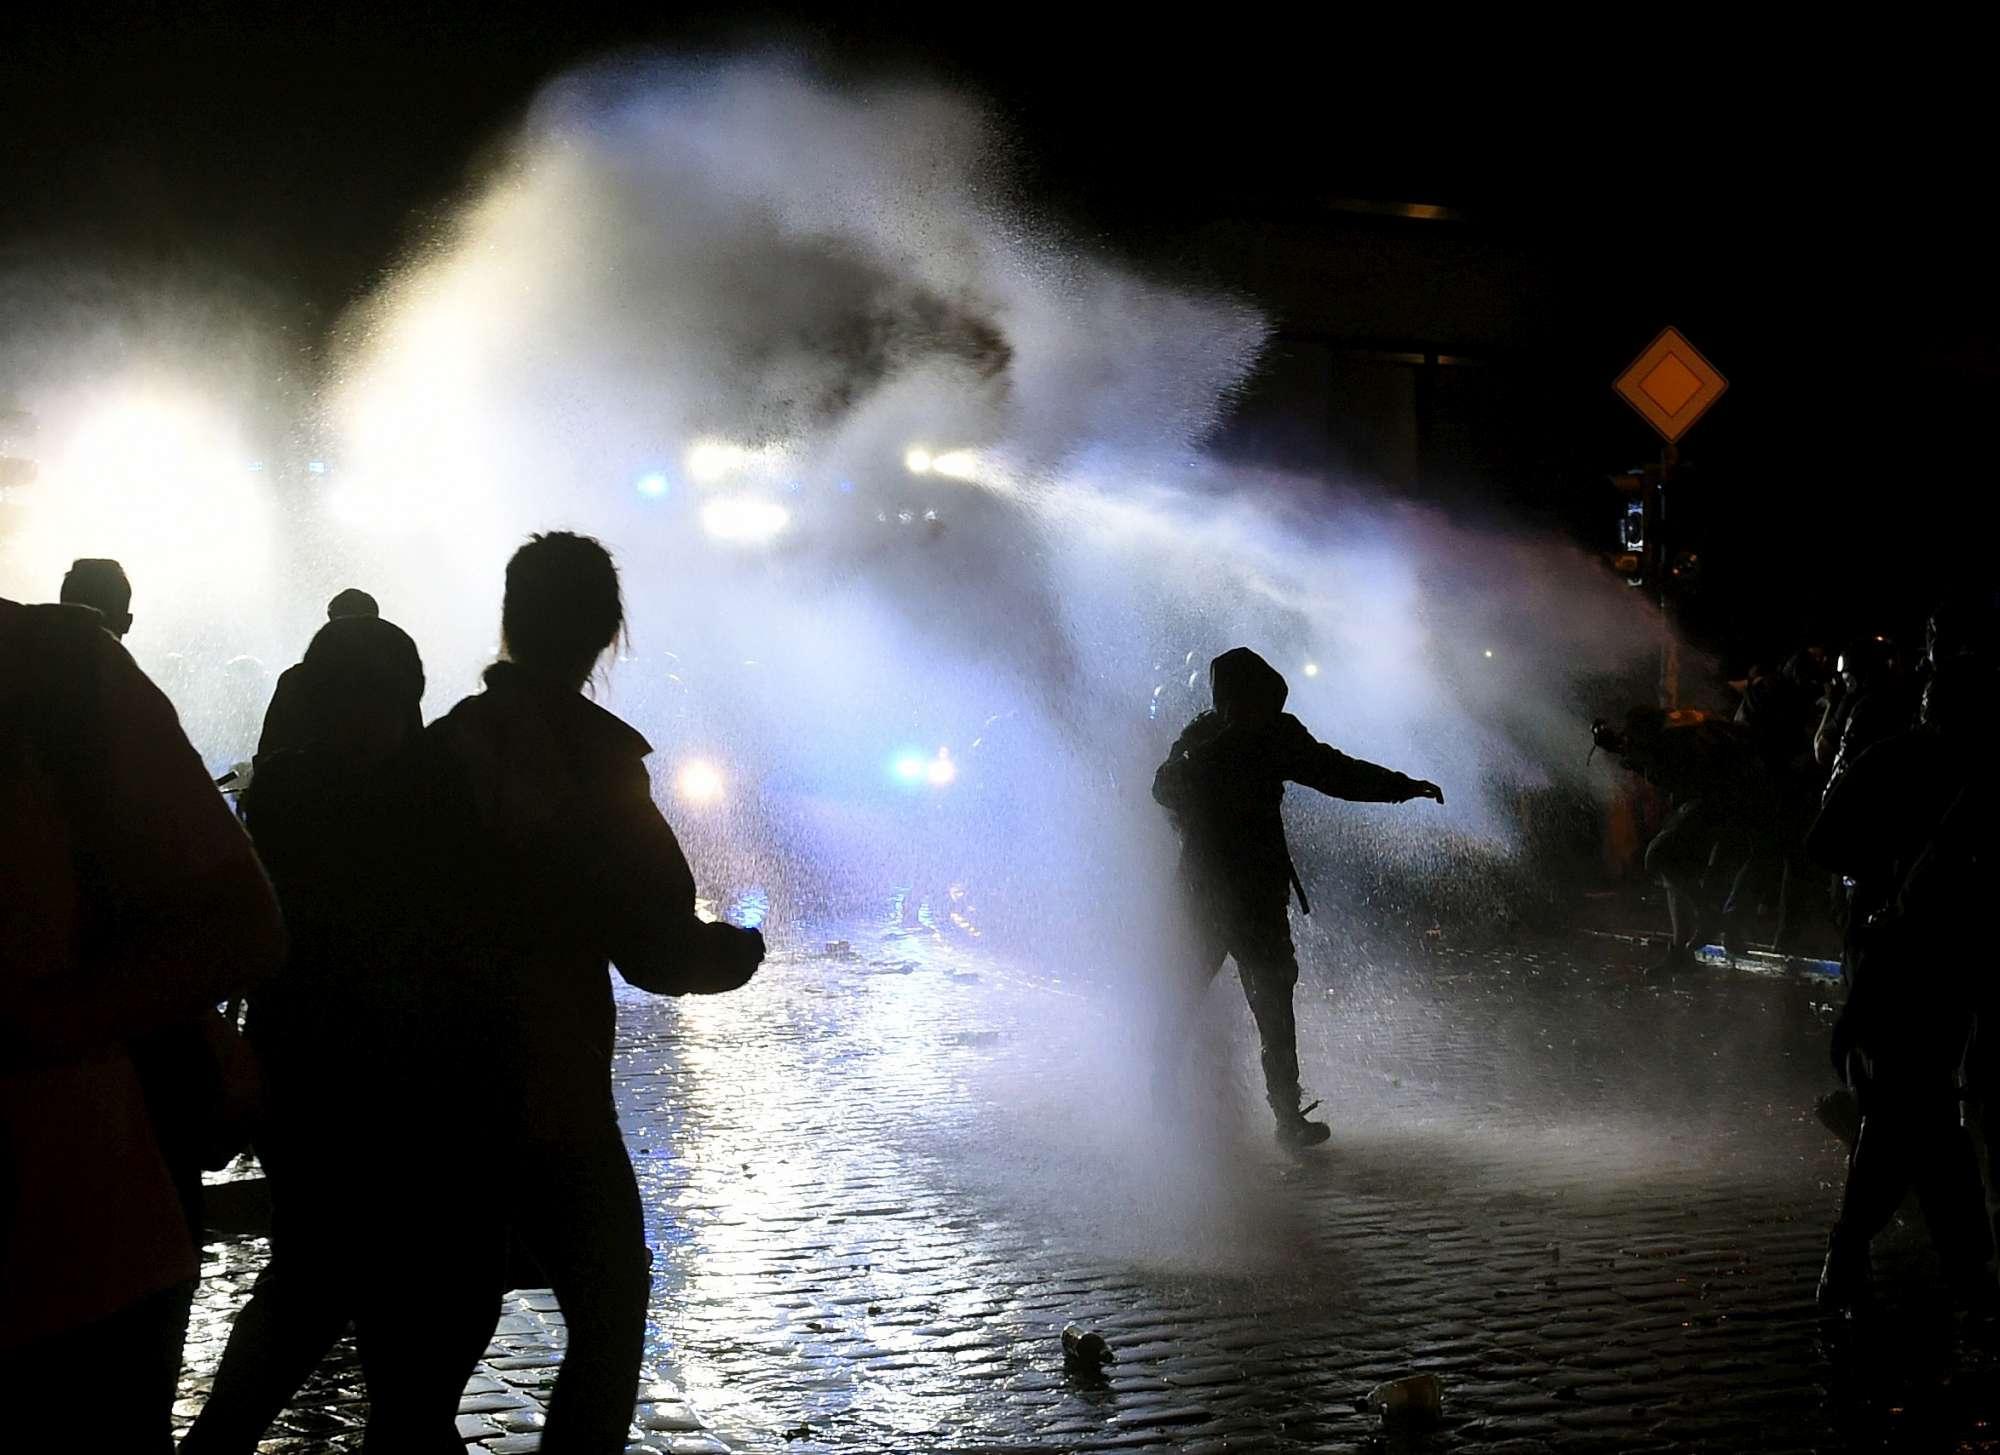 Il G20 ad Amburgo, le immagini dei disordini nella notte